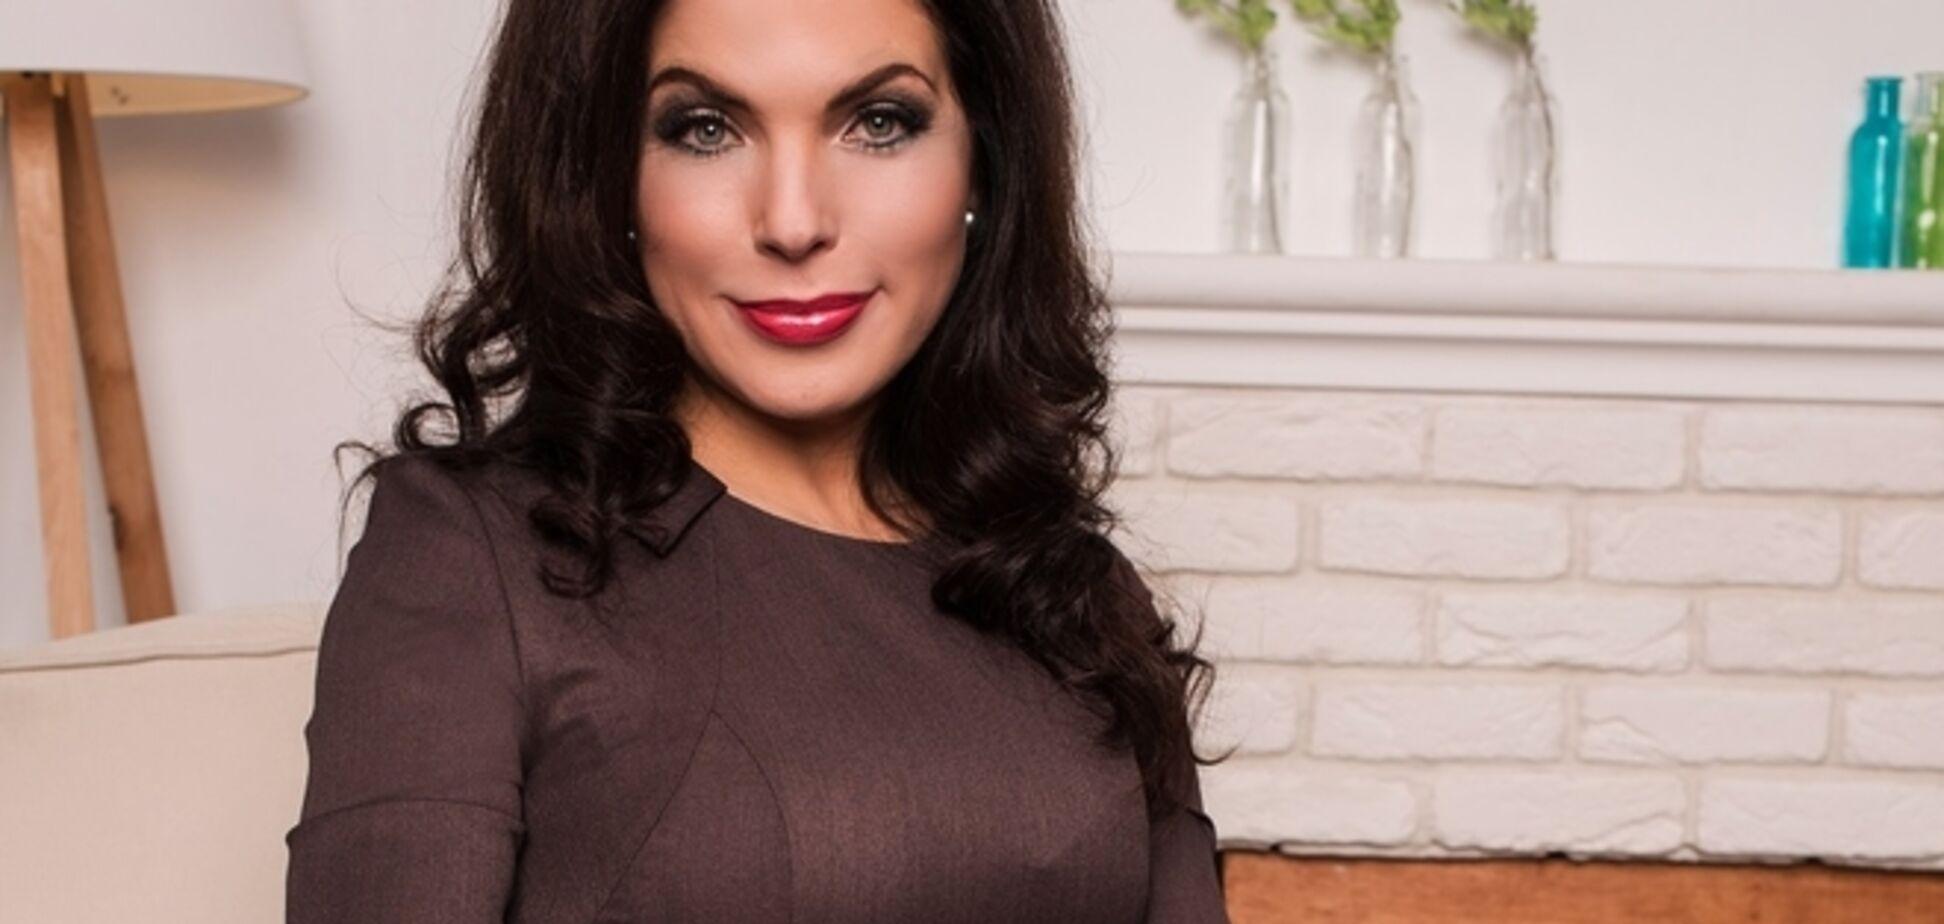 Влада Литовченко поделилась рецептом любимых блинов и всех поздравила с Масленицей